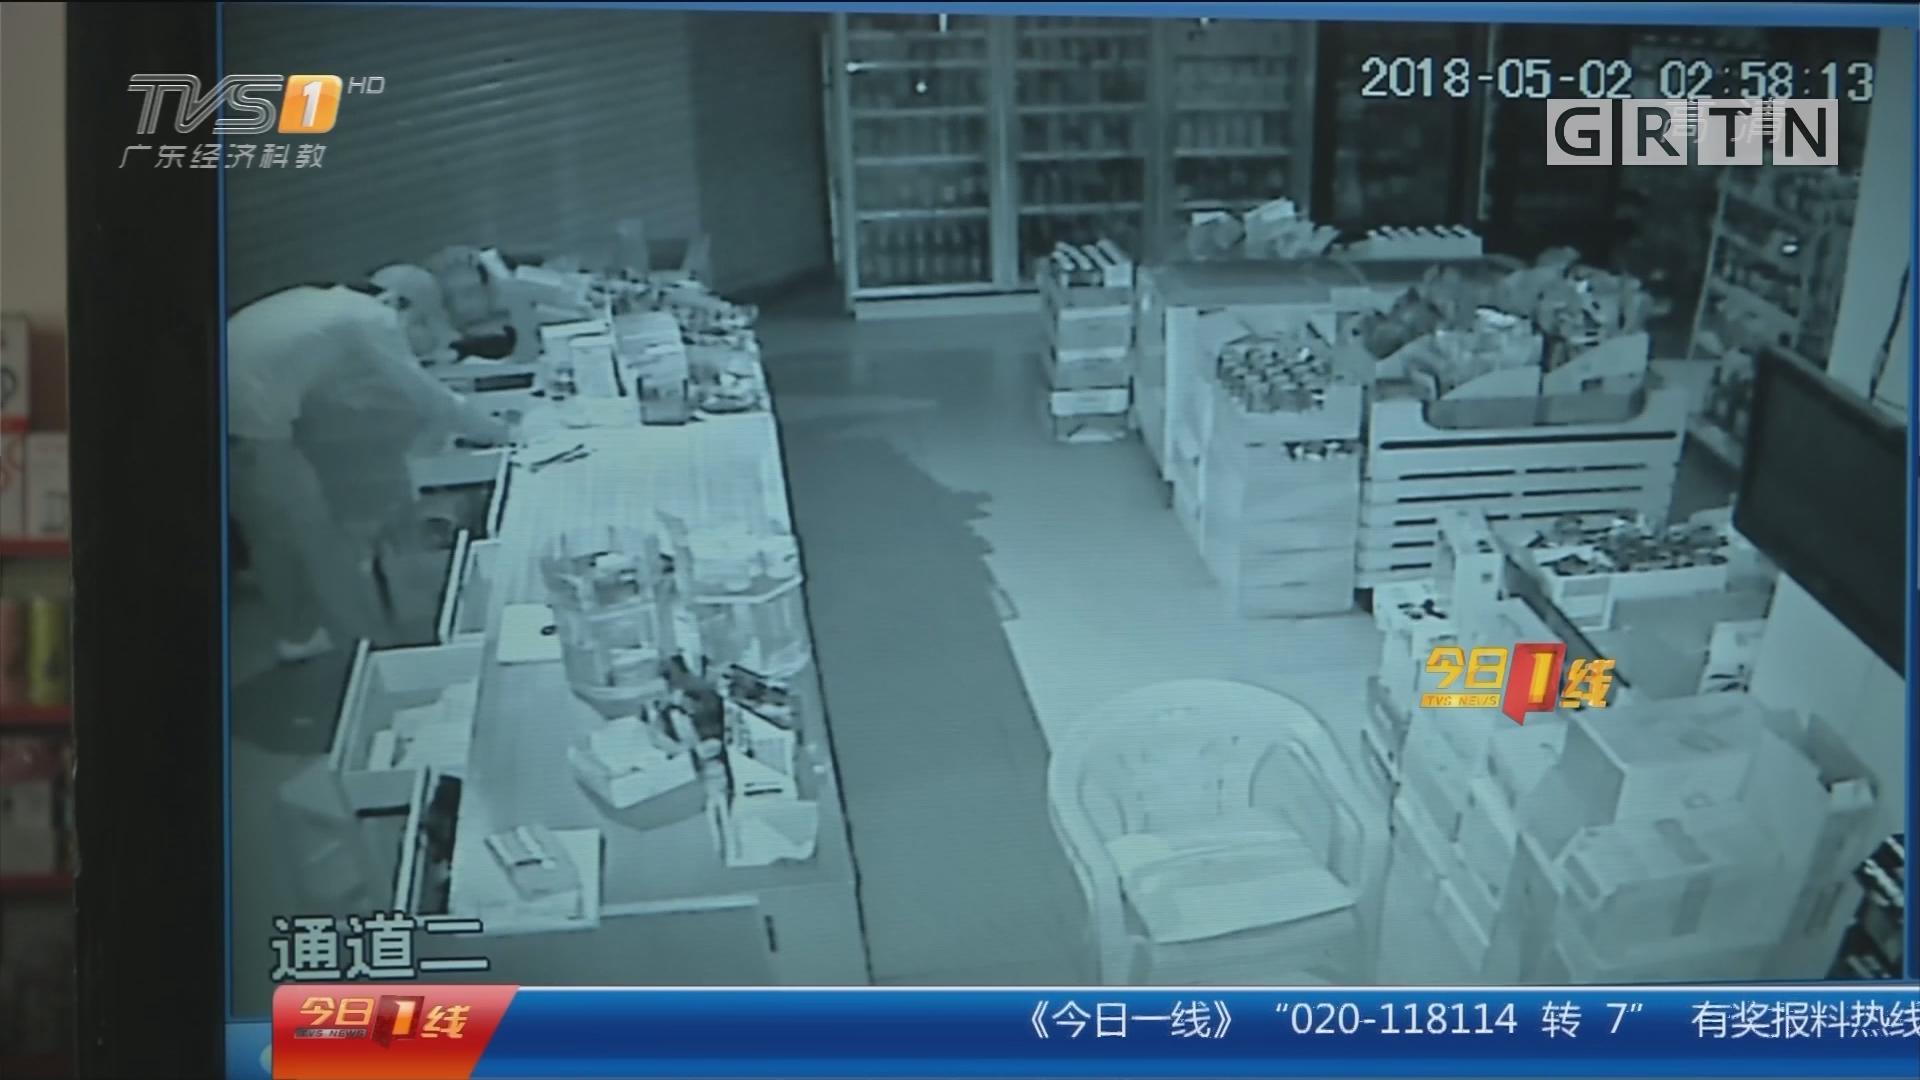 东莞大朗:小偷入室盗走3万多元 警方介入调查